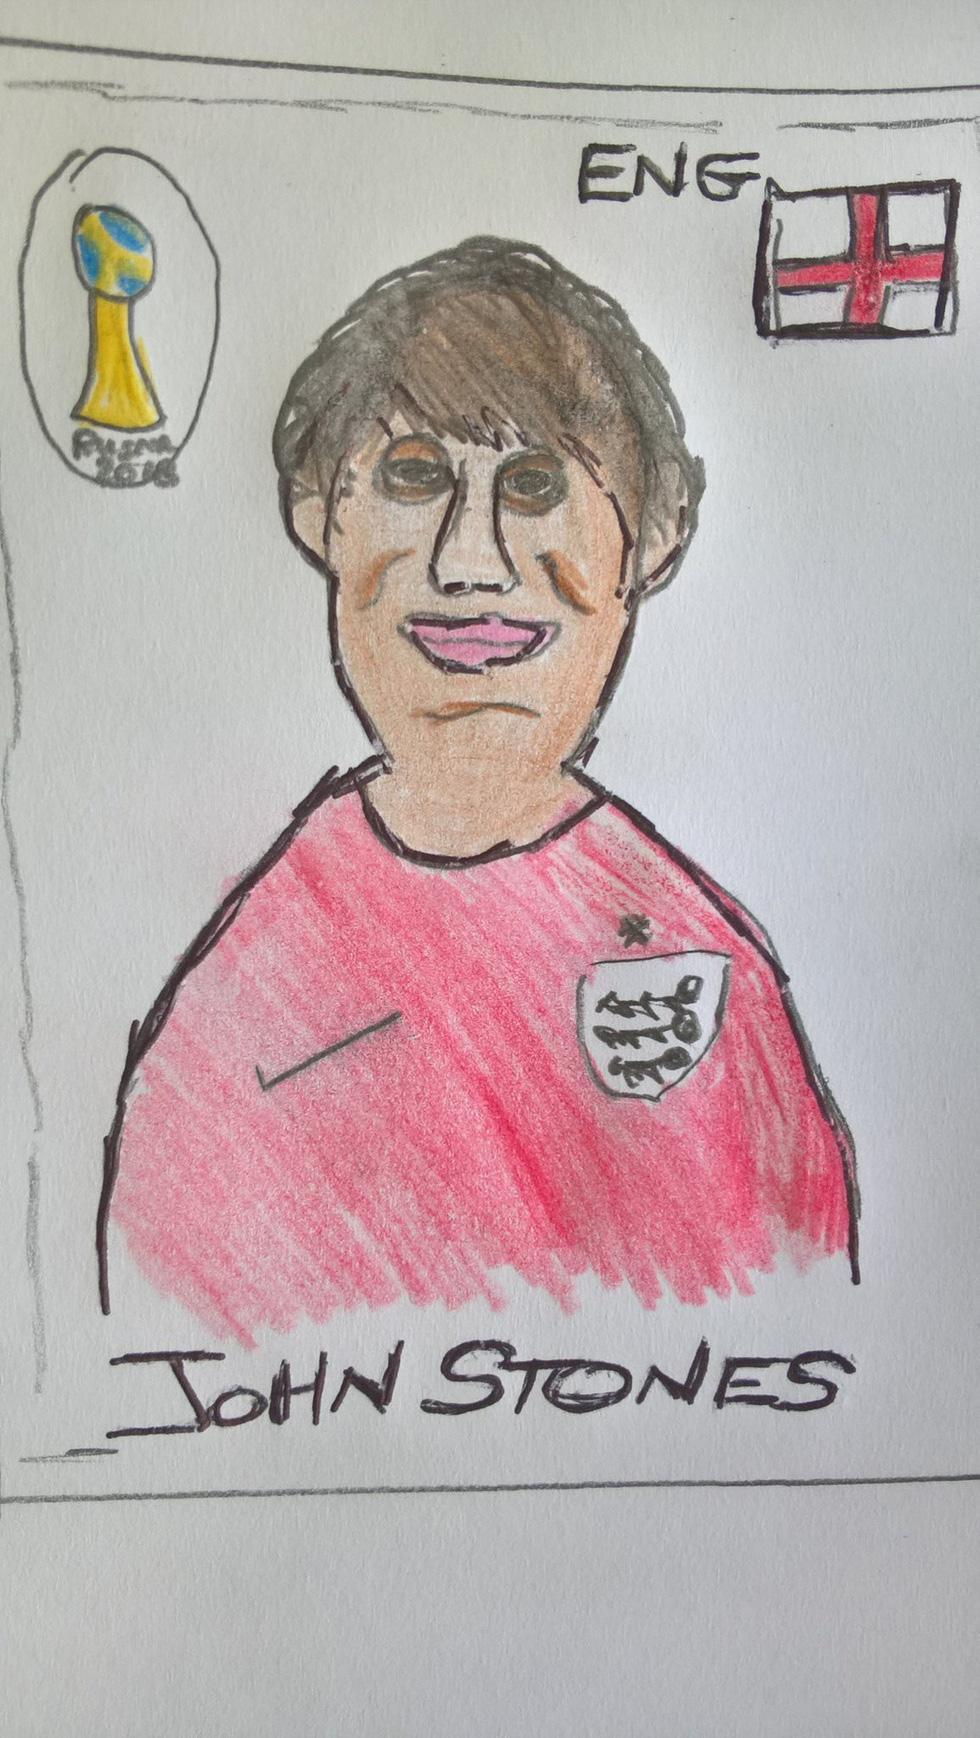 John Stones - hậu vệ đẹp trai, mắt nai mang trái tim sư tử - Ảnh 8.